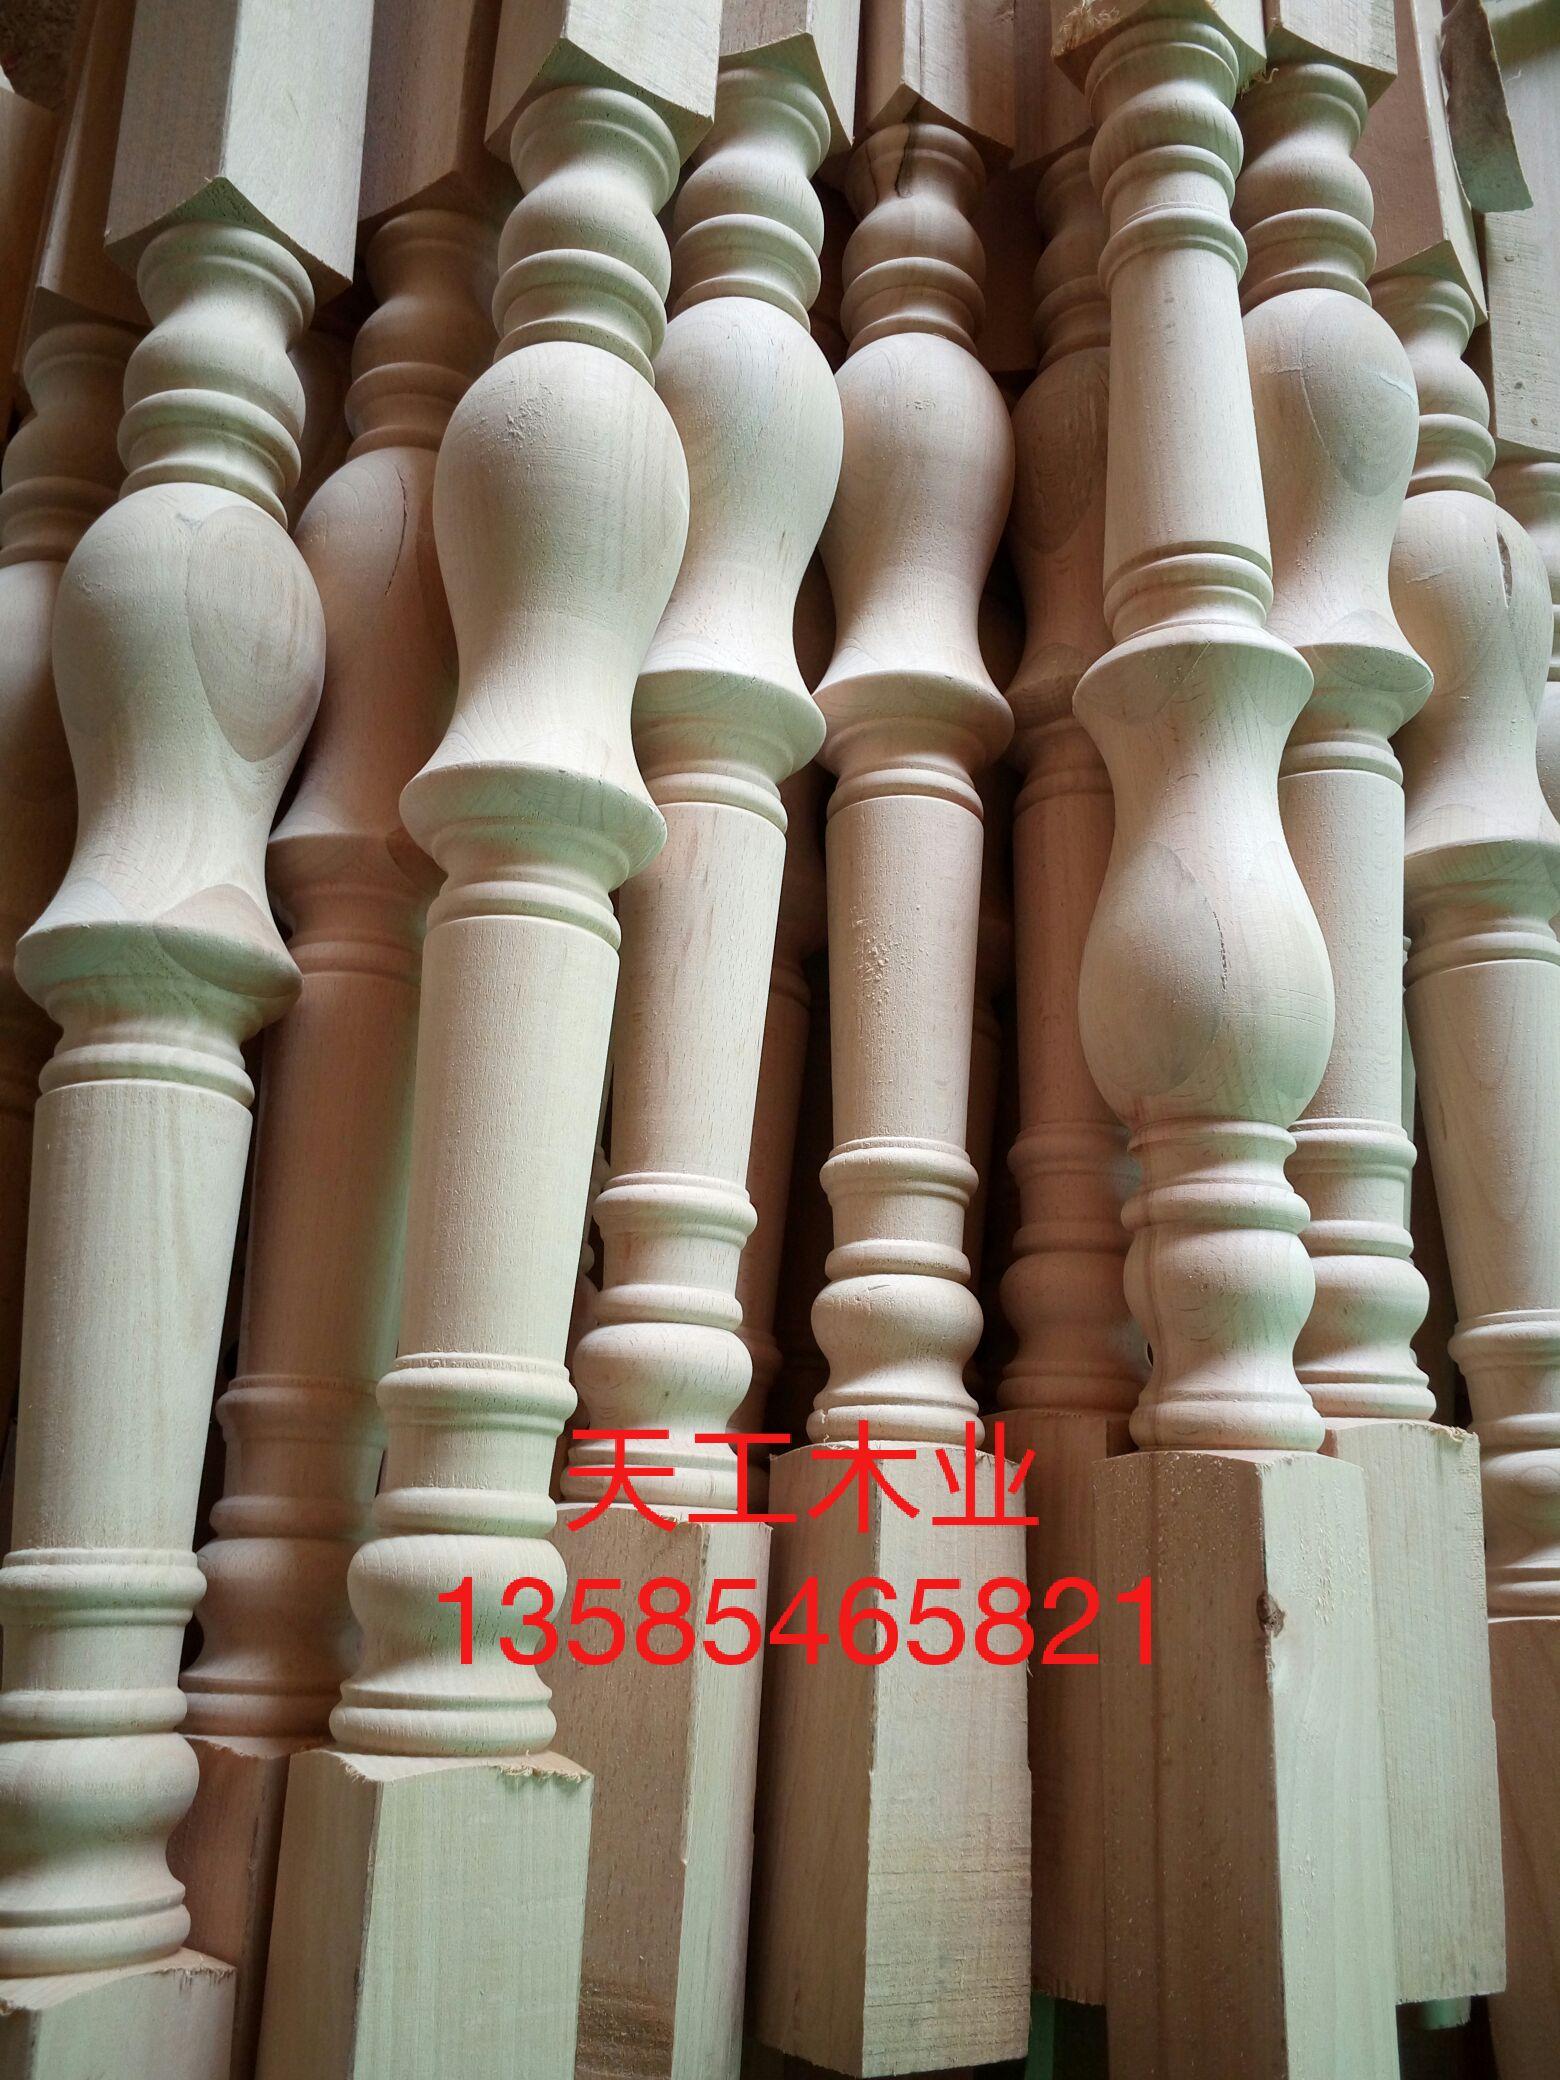 弯头别墅创意楼梯定制加工厂家 实木楼梯扶手,立柱,弯头_一呼百应网